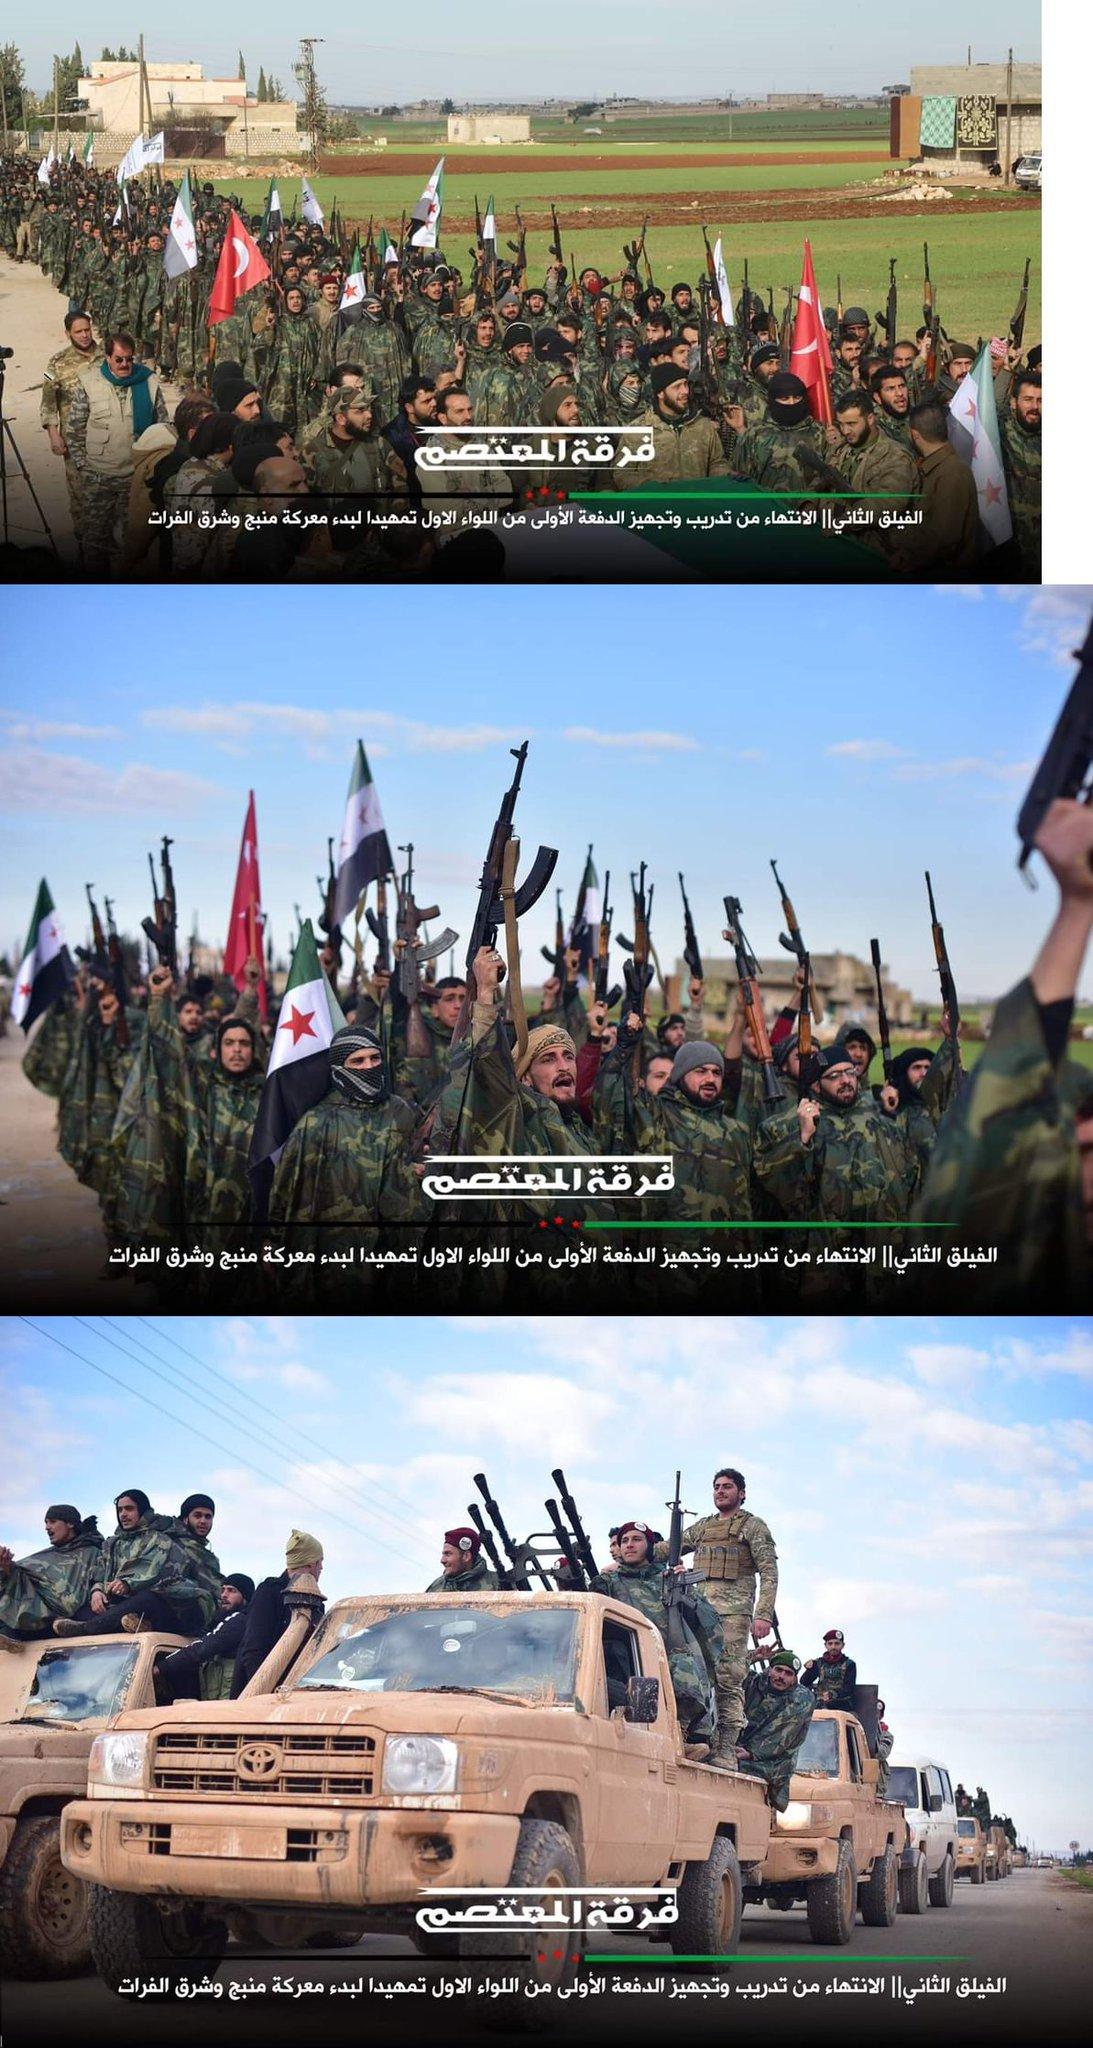 Guerre Civile en Syrie ( LISEZ LE PREMIER POST ! ) - Statut spécial  - - Page 19 DvnvIvIW0AUyAW-